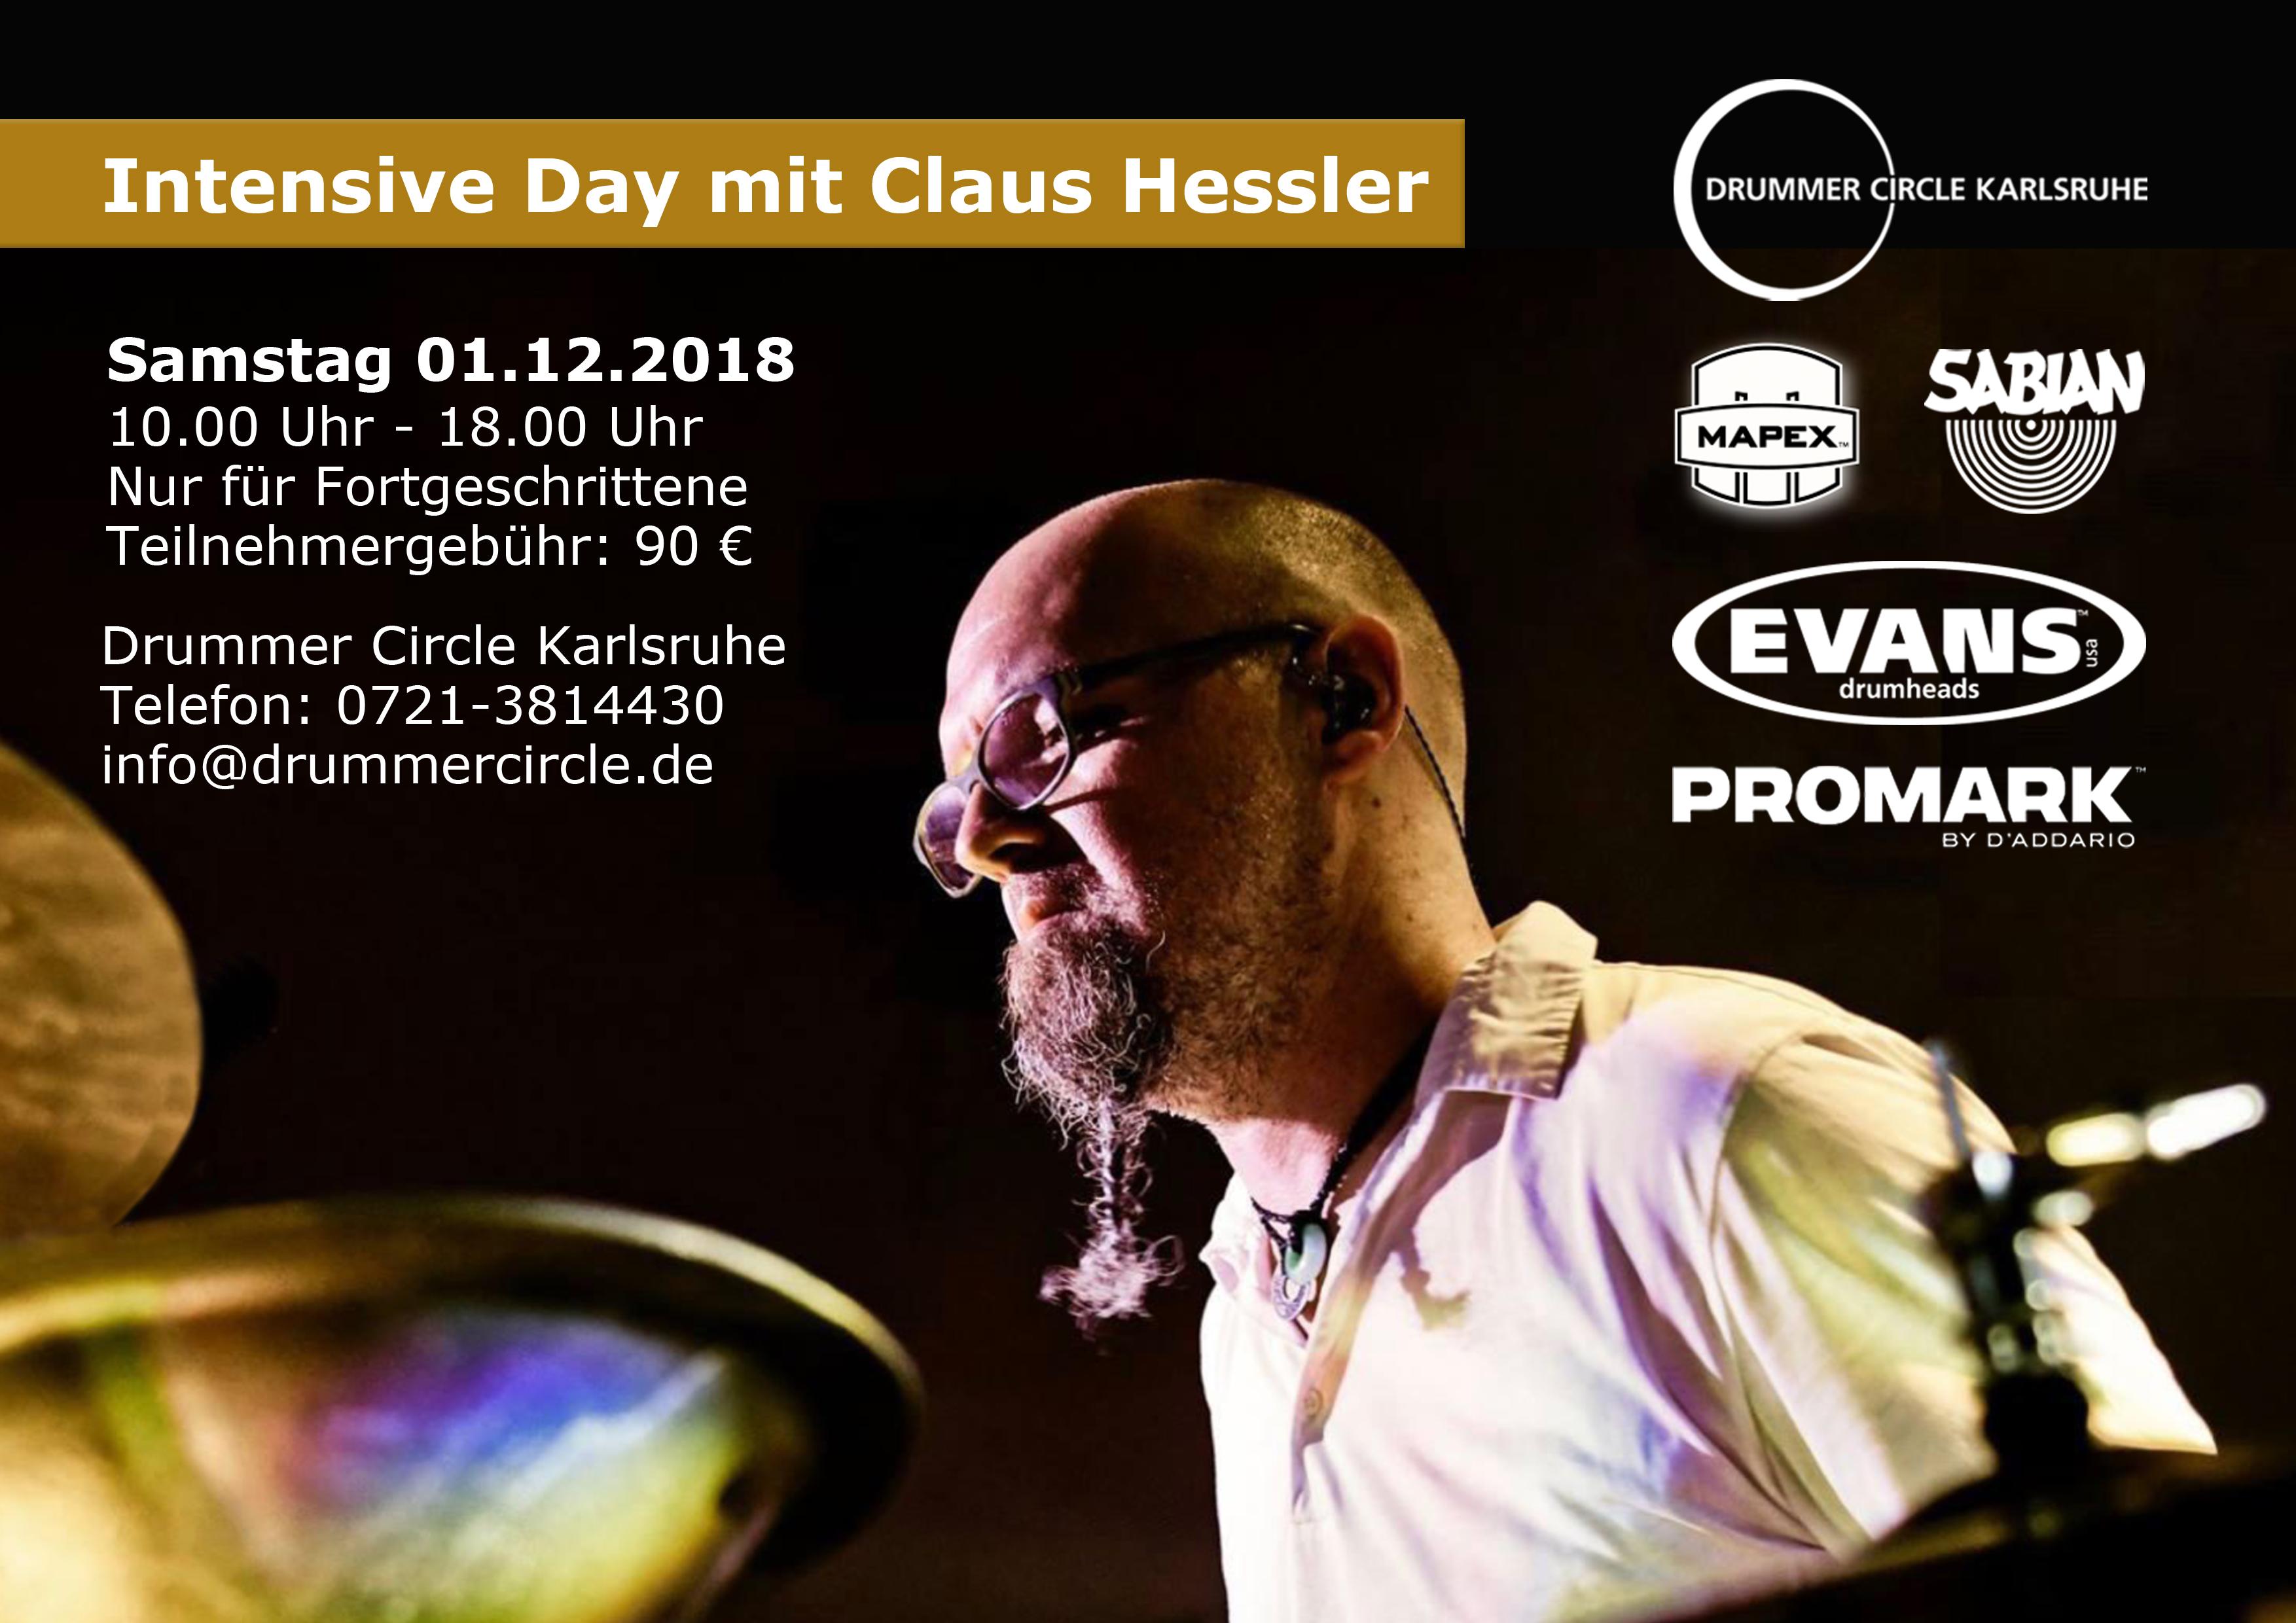 Intensive Day mit Claus Hessler 2018